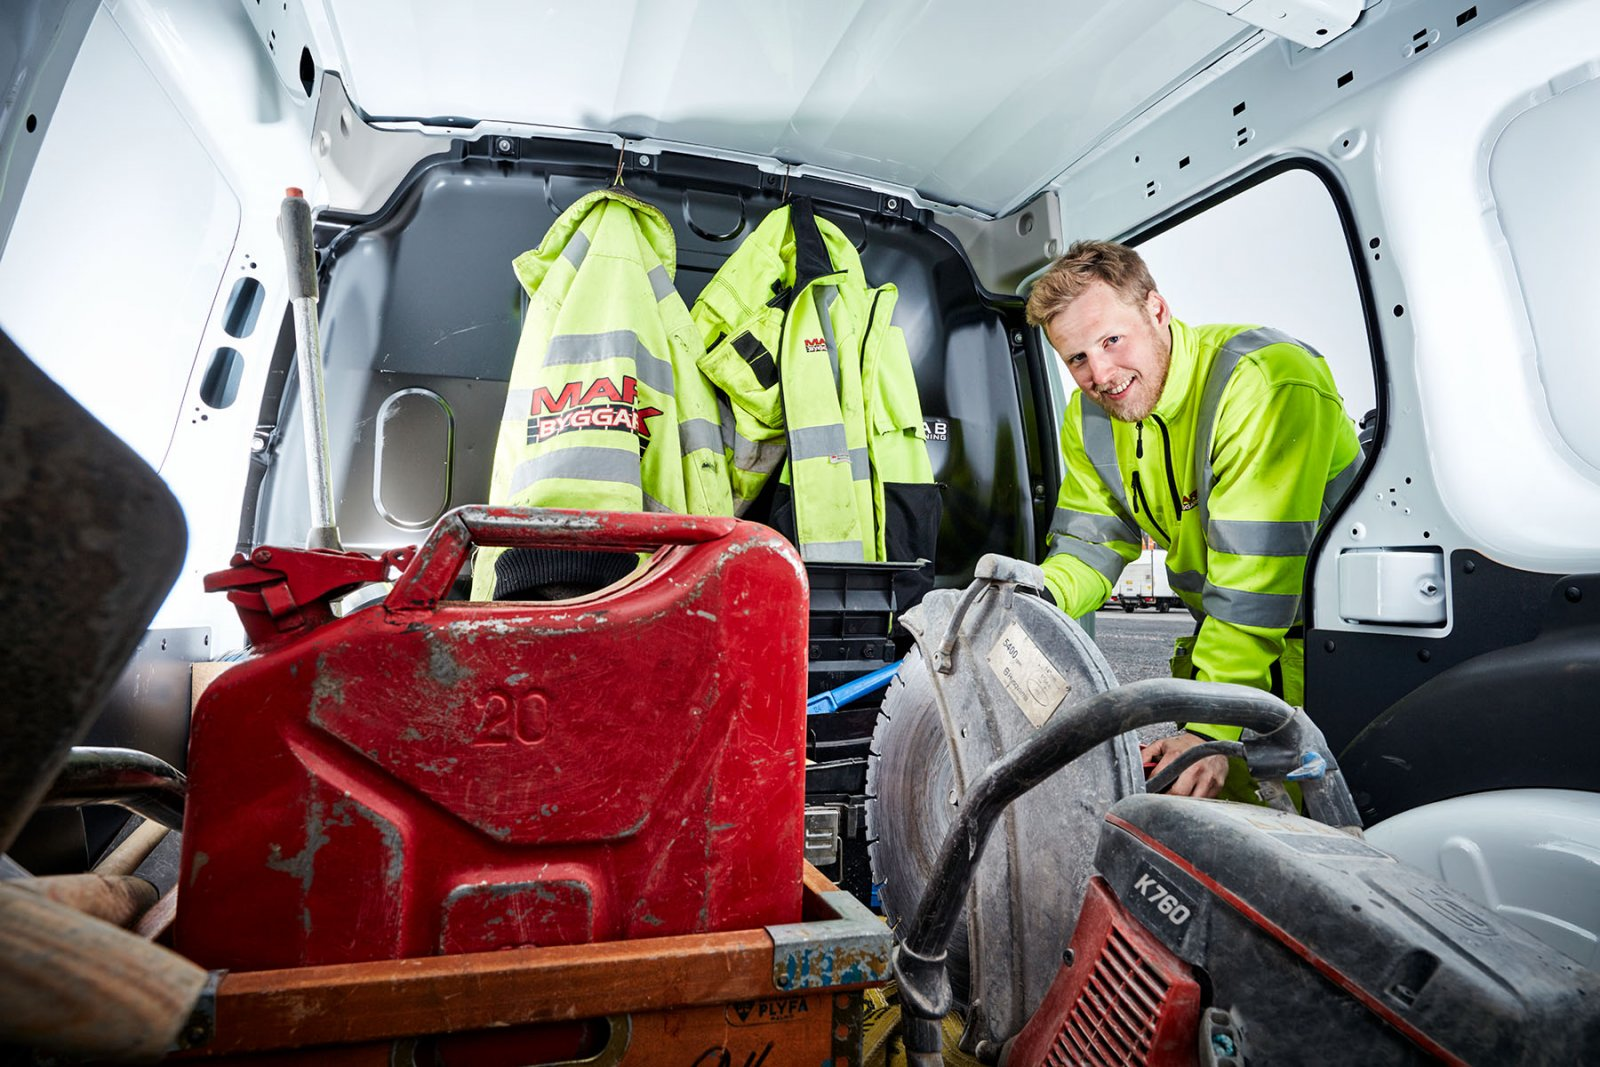 Mycket verktyg ska rymmas i bilarna, här Niklas Svahn. Foto: Patrik Svedberg